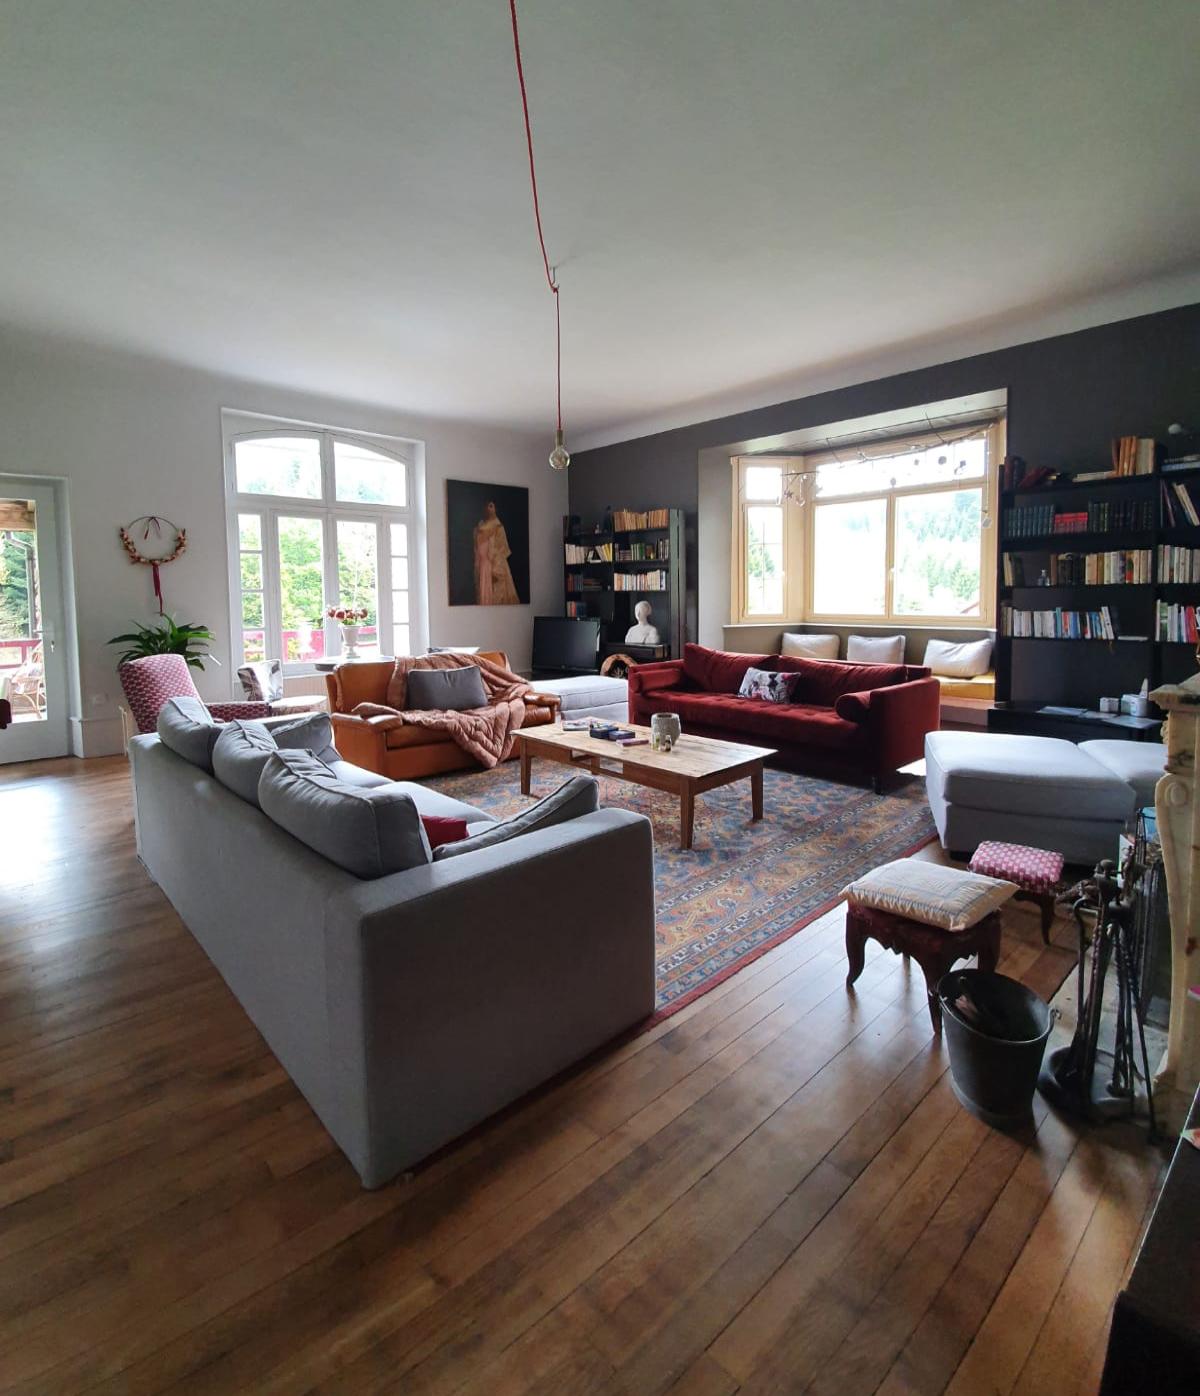 salon avec plusieurs canapés et table basse